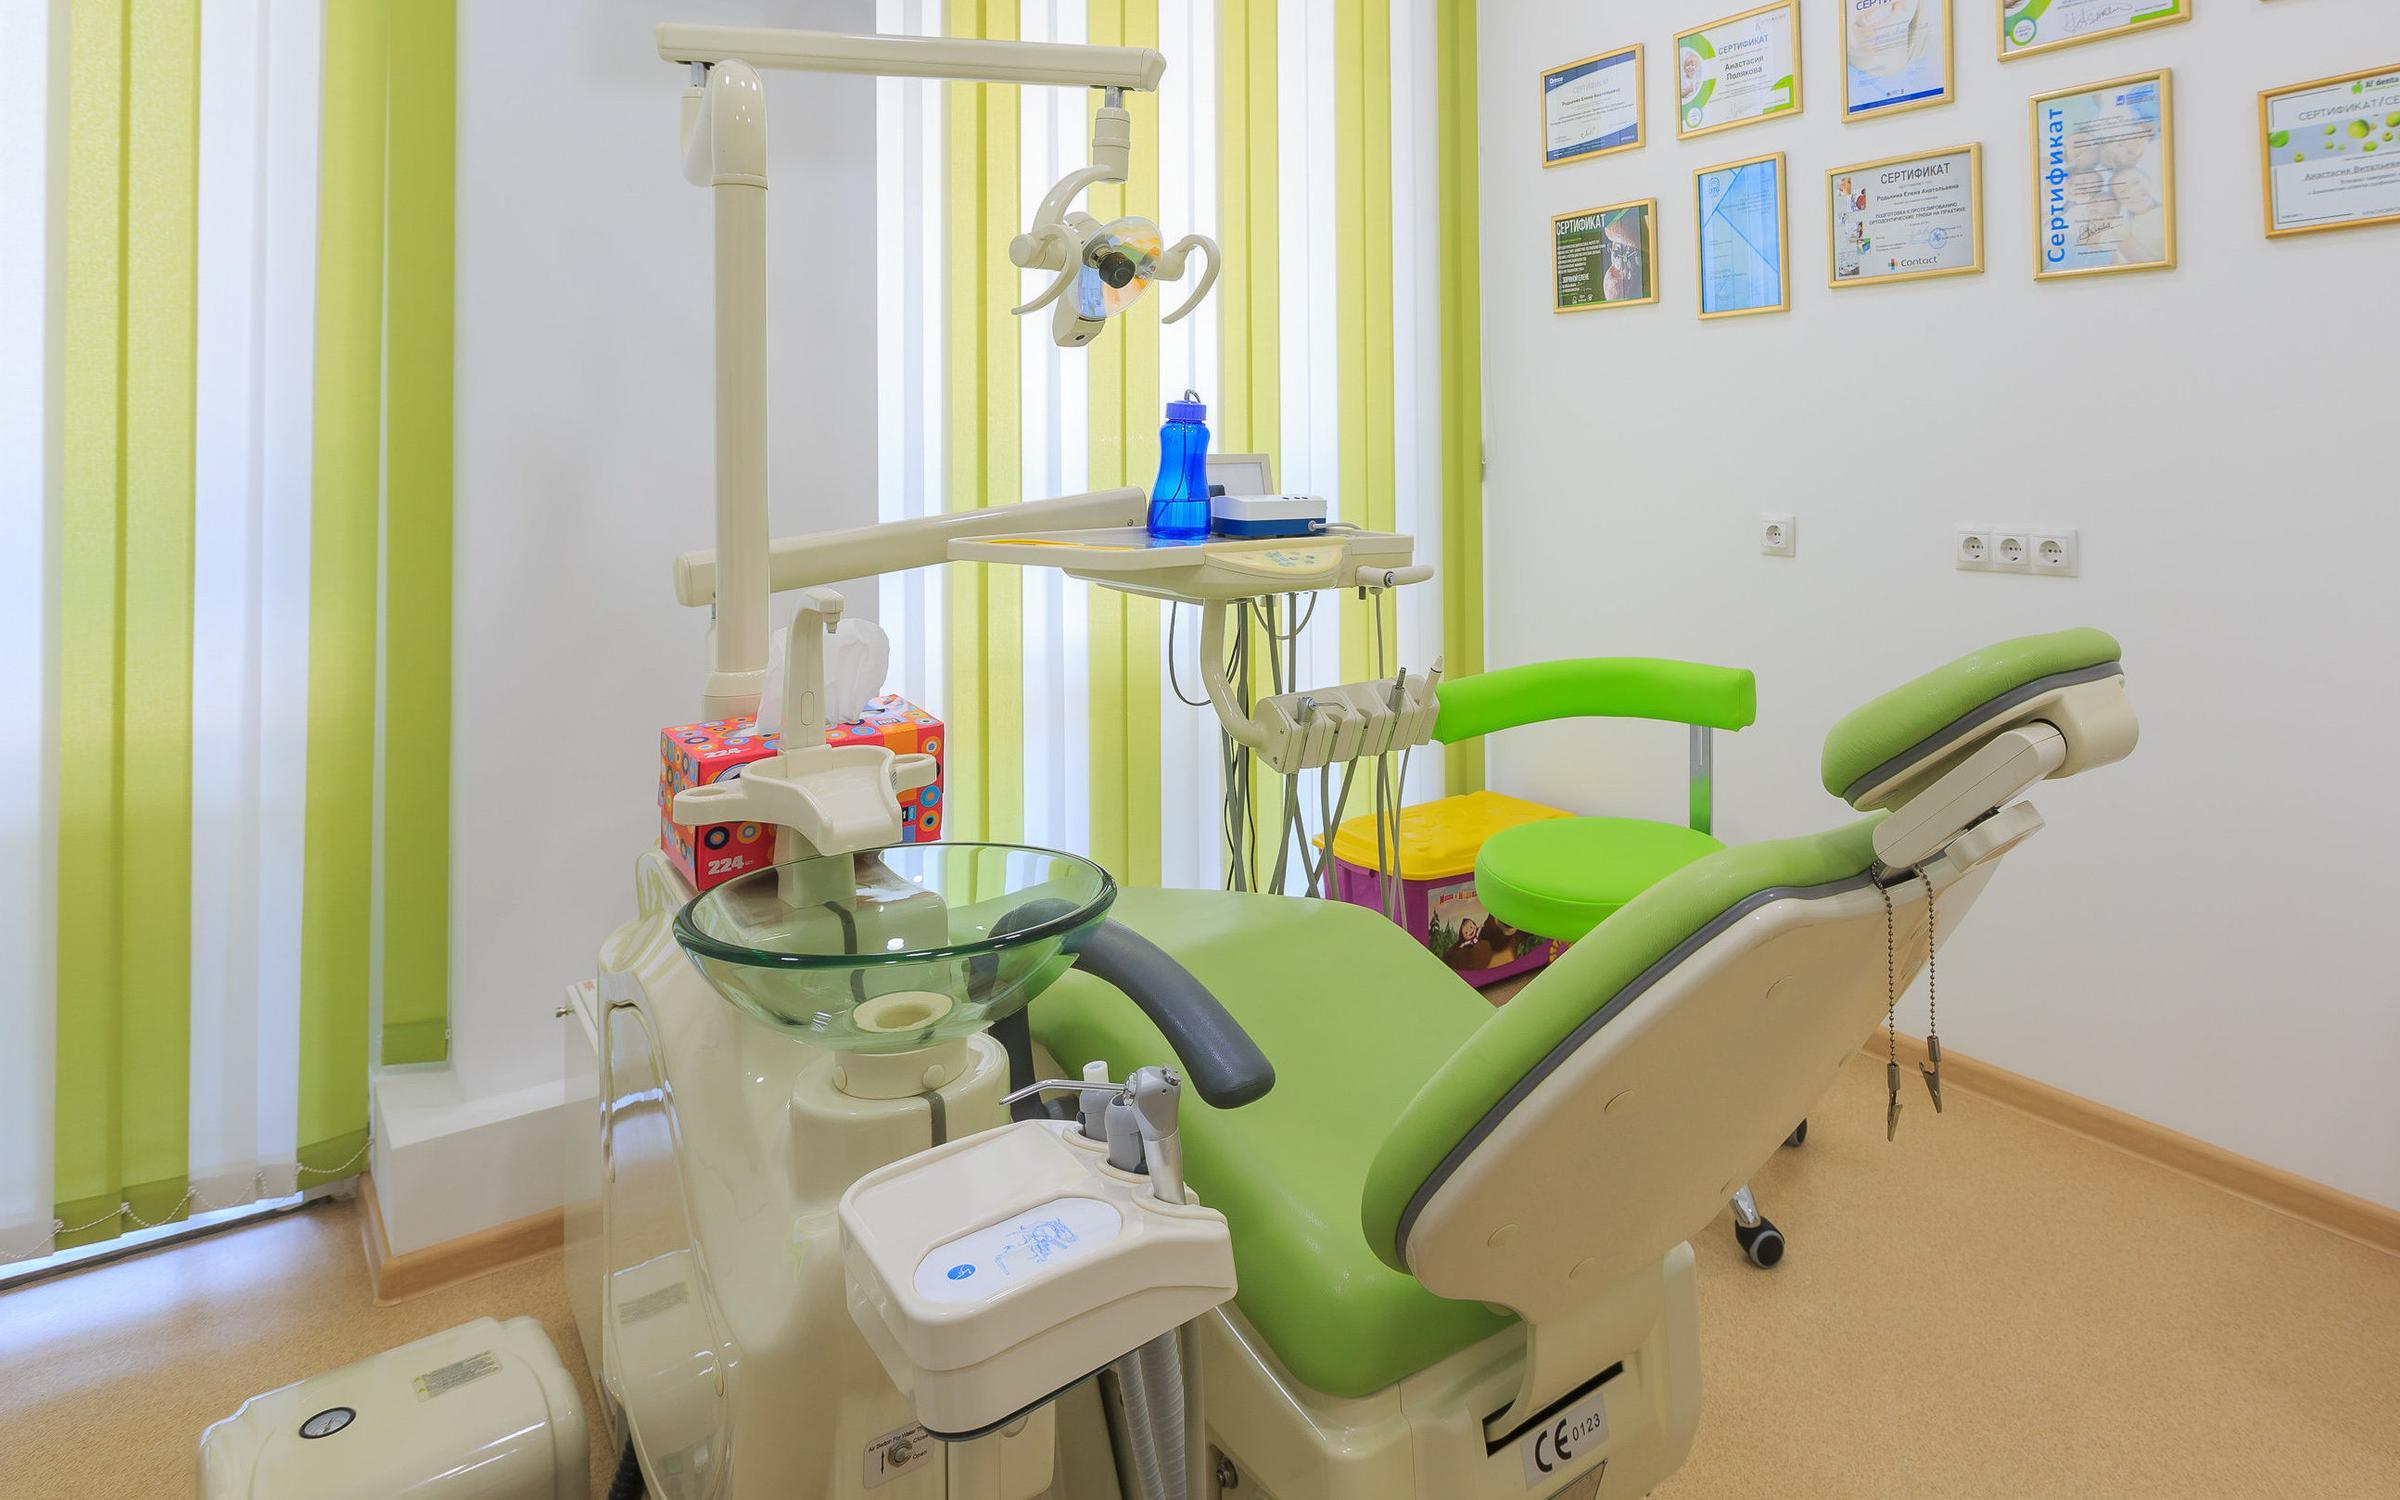 фотография Центра стоматологии Sapfir на Краснодарской улице